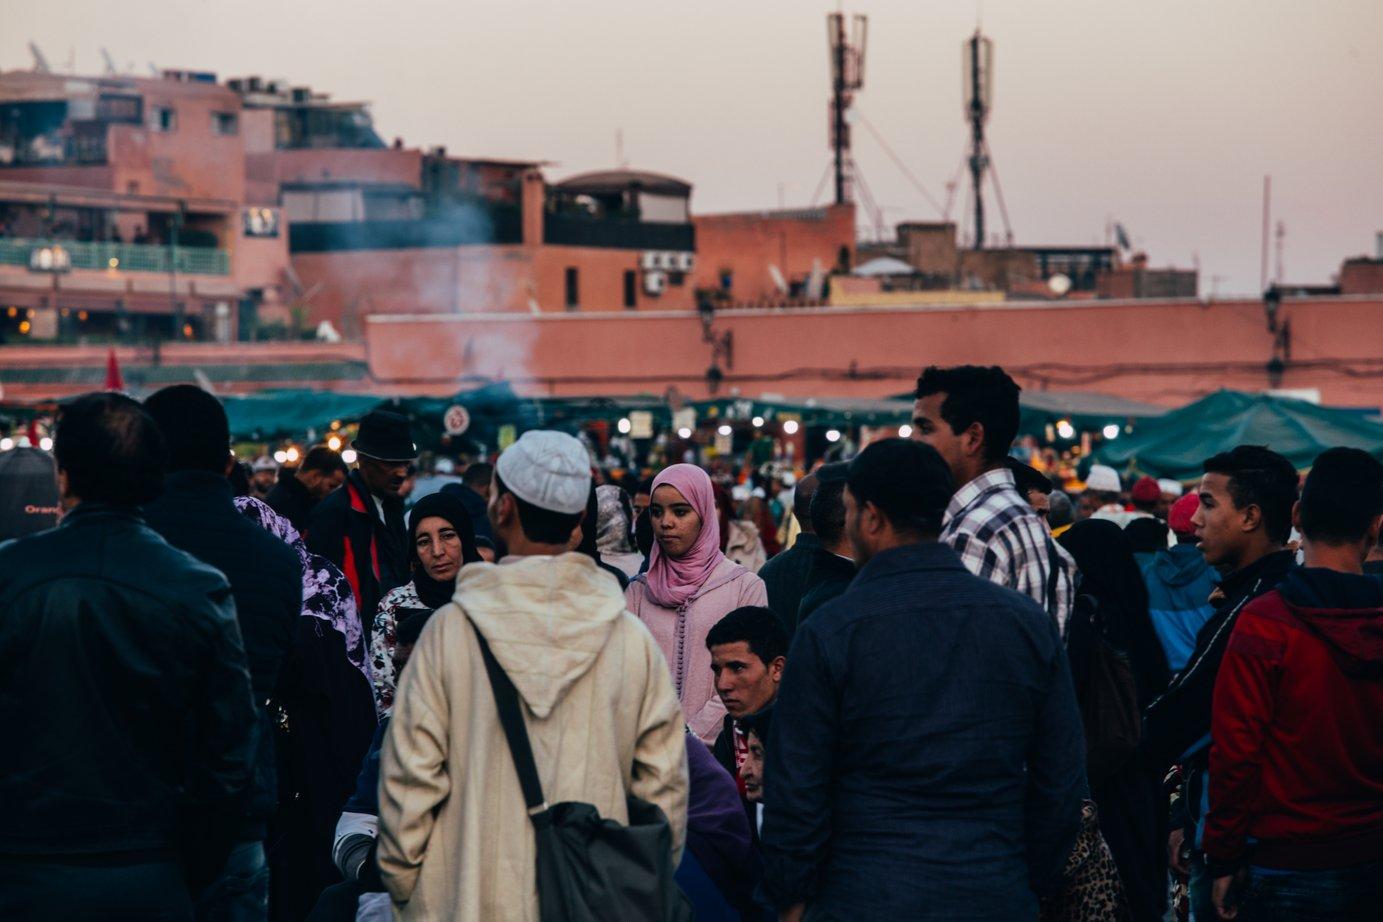 Marrakesz iFez. Przywitanie ipożegnanie Maroka